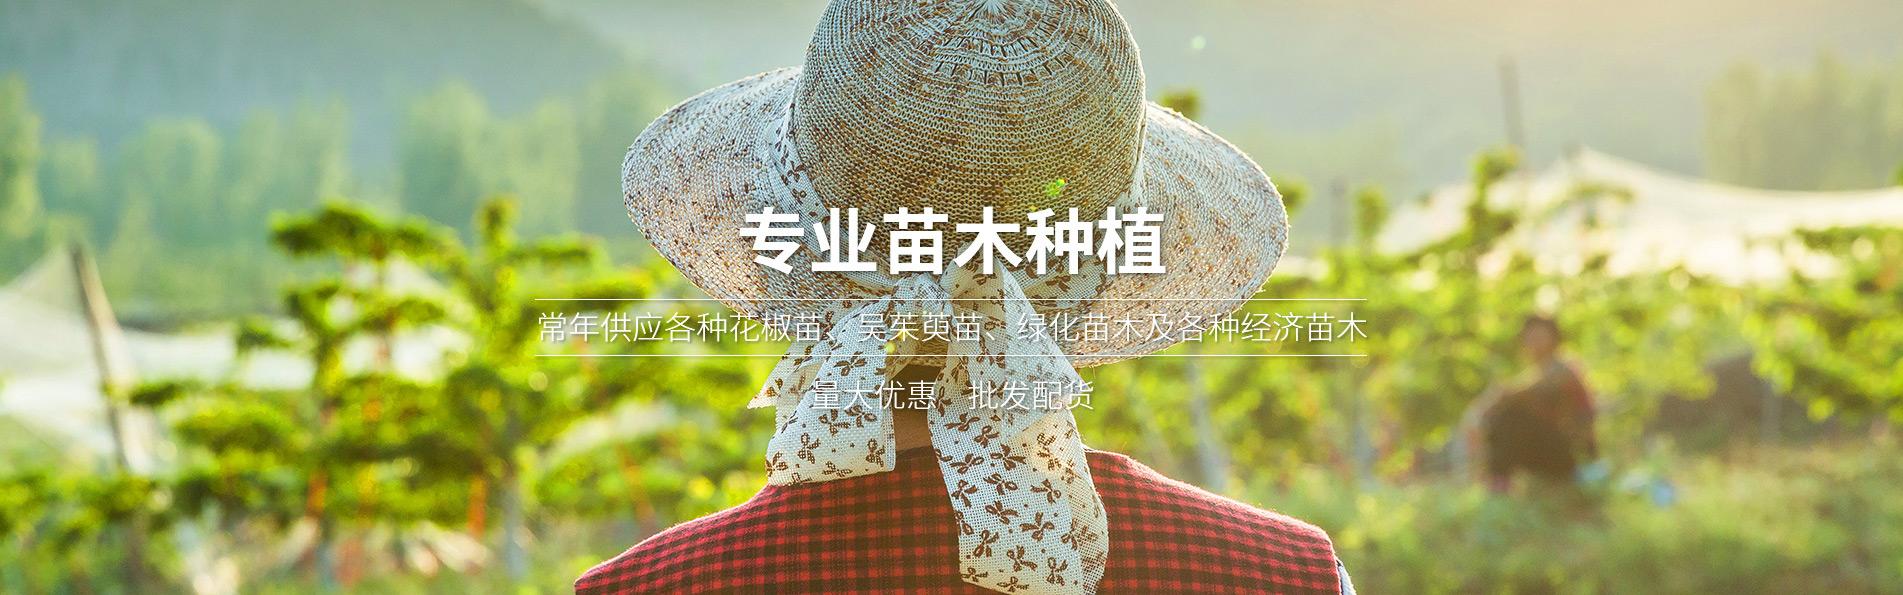 重庆吴茱萸苗批发